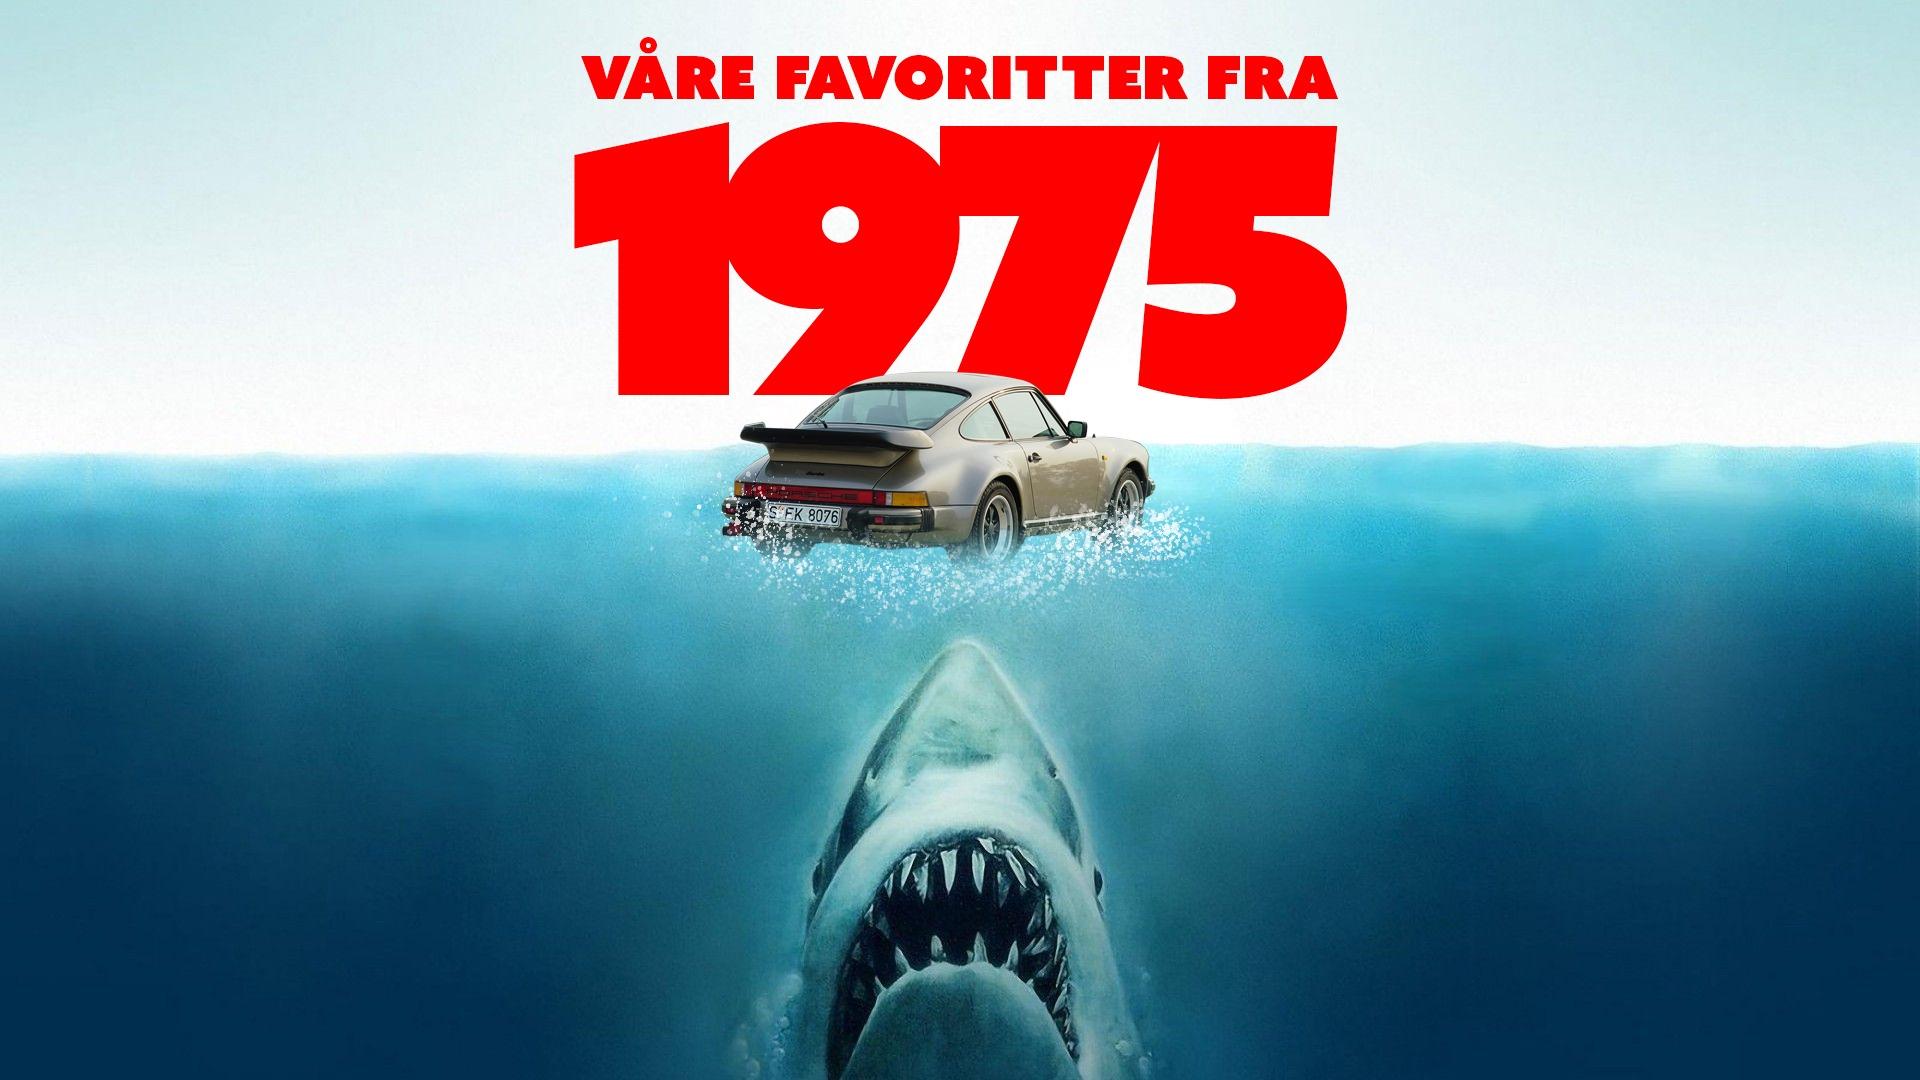 Lordens garasje: Våre favoritter fra 1975